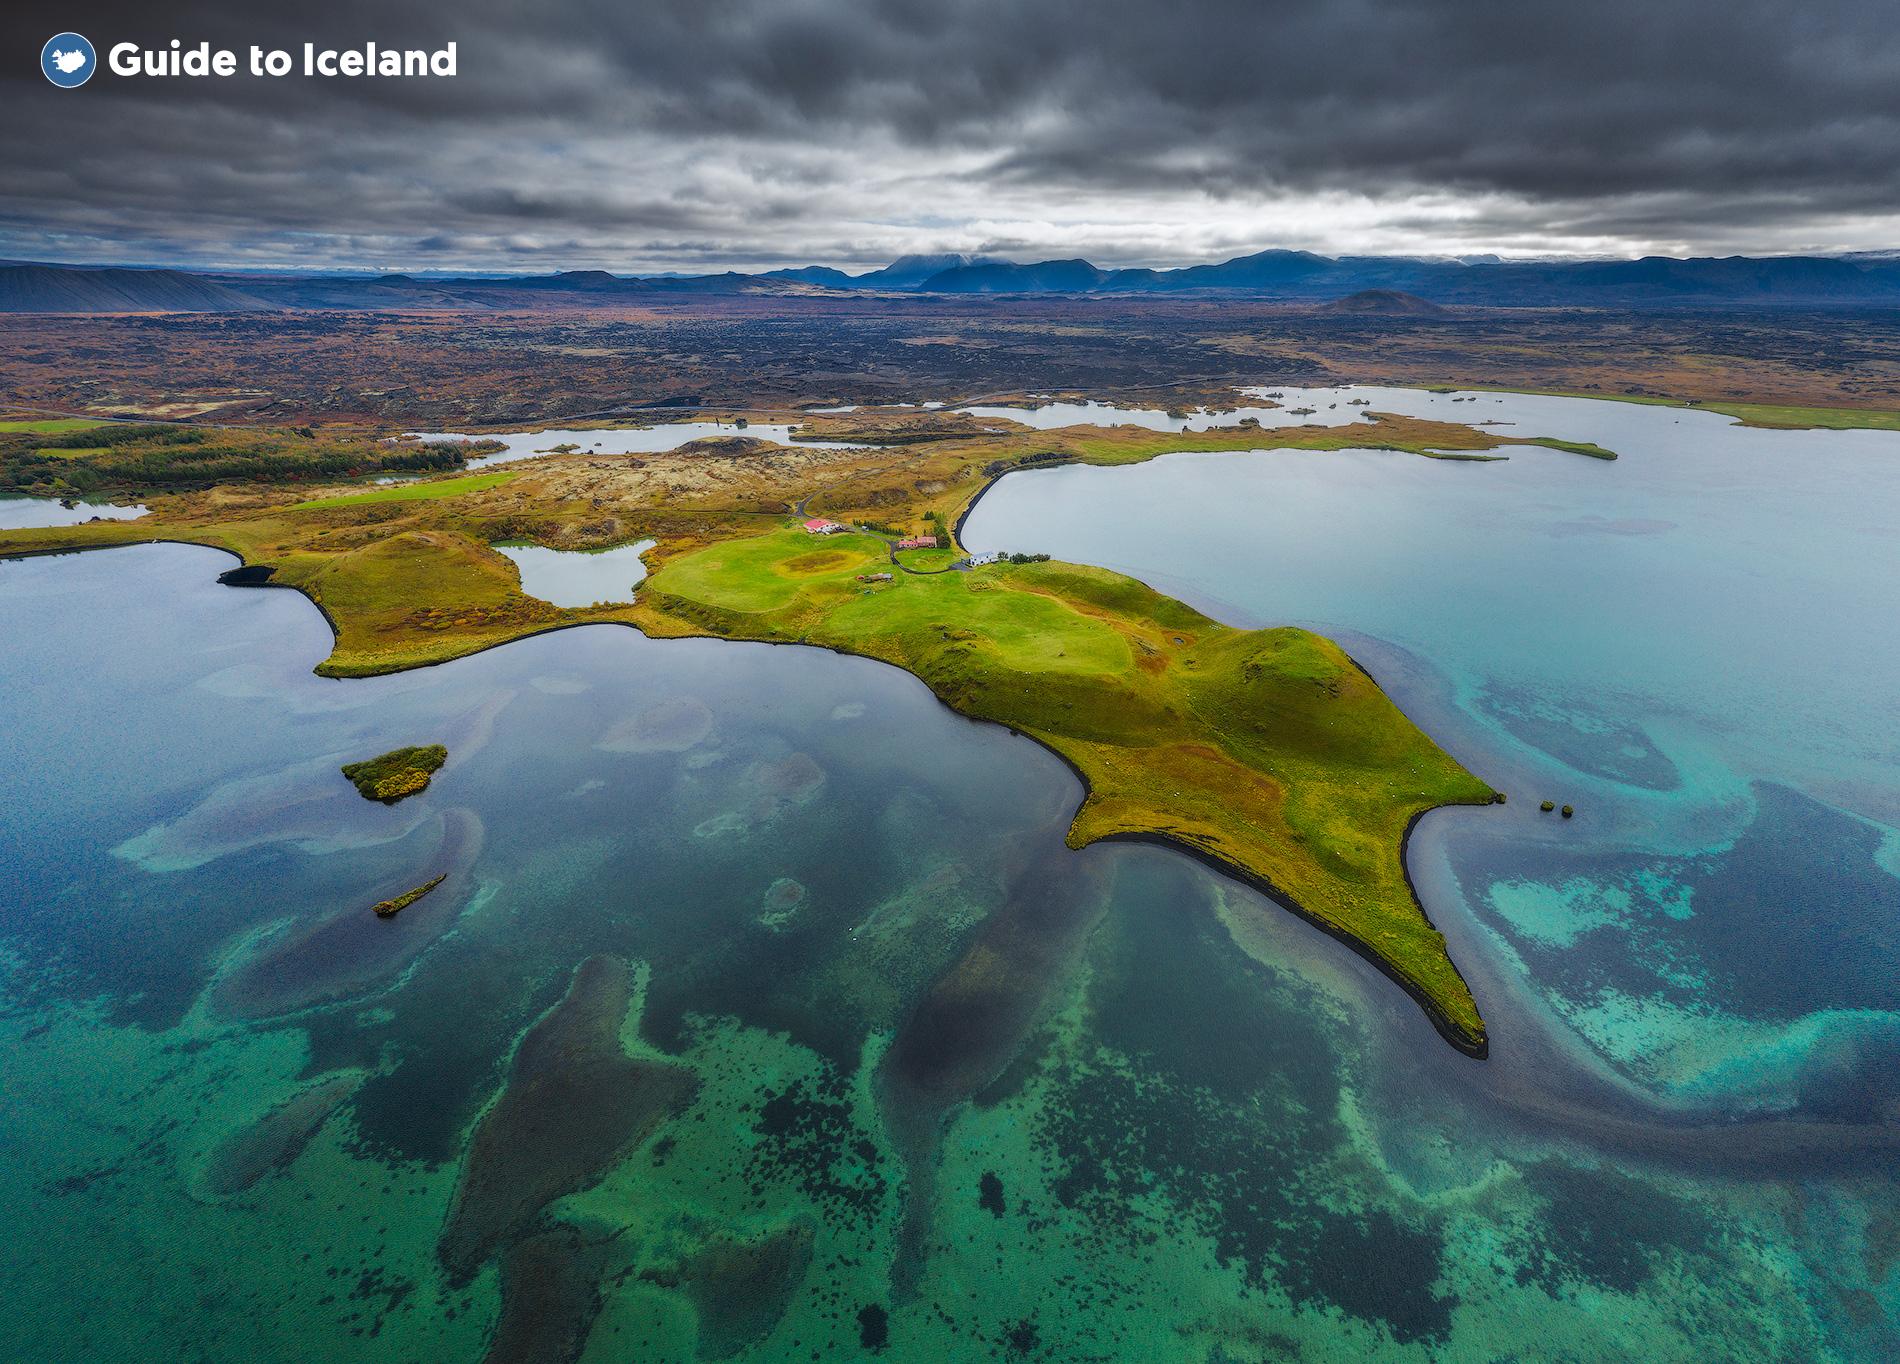 众神瀑布是冰岛北部的著名瀑布之一,早在公元1000年时就有与它相关的历史故事